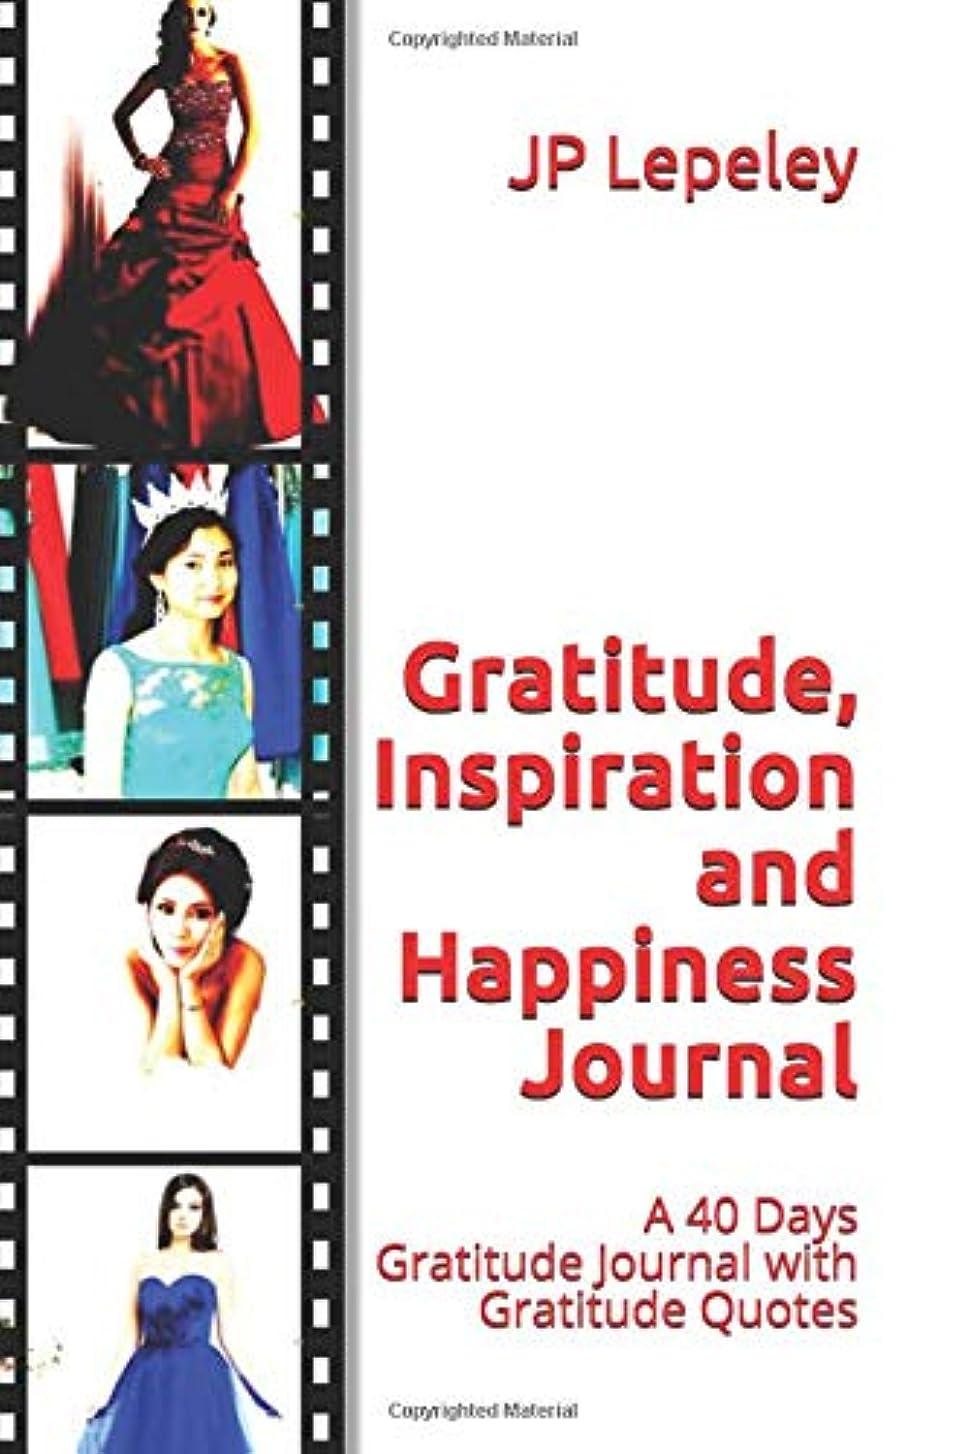 中にしおれた自発Gratitude, Inspiration and Happiness Journal: A 40 Days Gratitude Journal with Gratitude Quotes